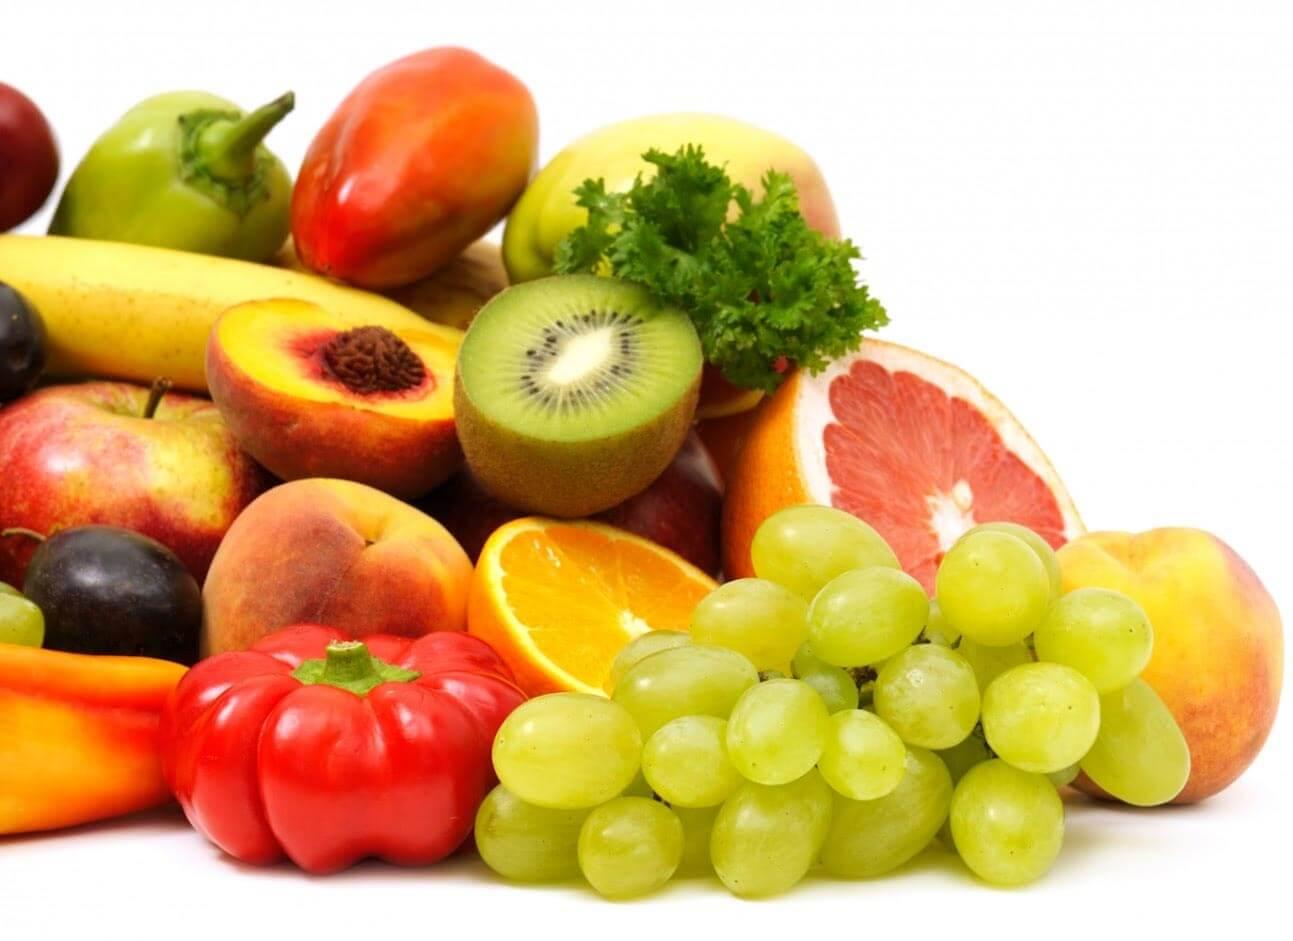 εξασθενημένου ανοσοποιητικού συστήματος - φρούτα